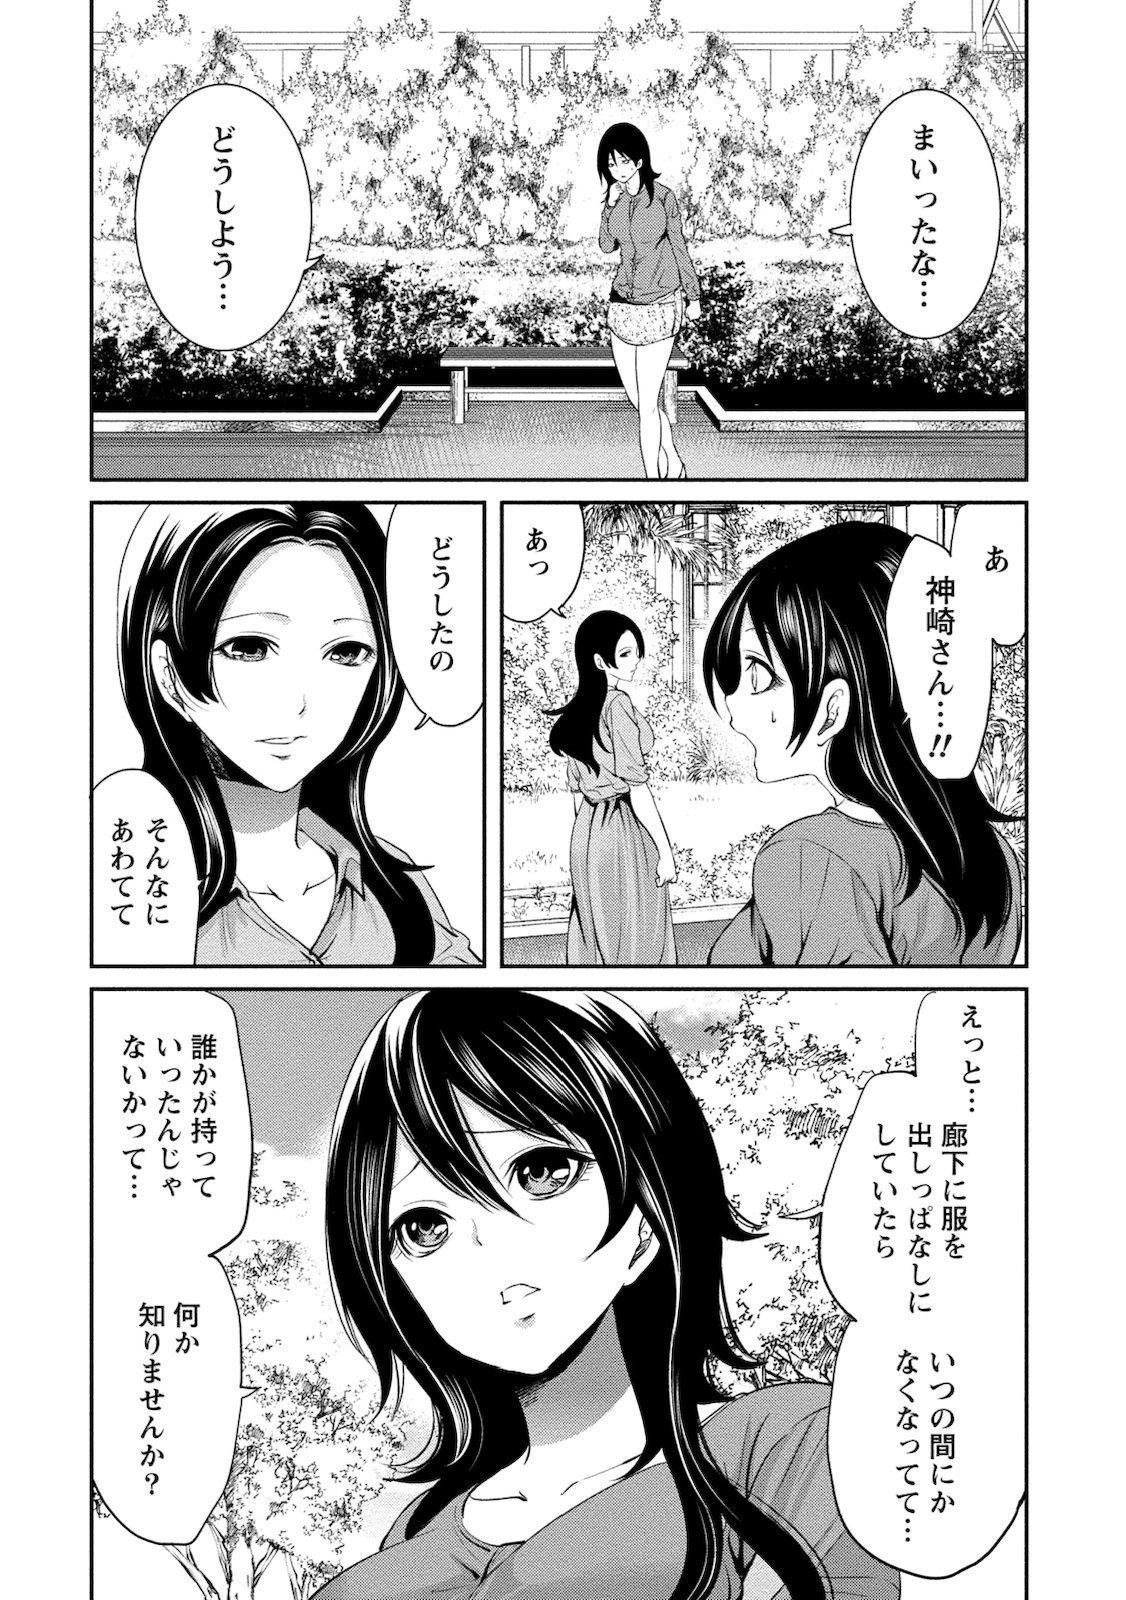 Juumin yo Koigokoro o Idake 2 33